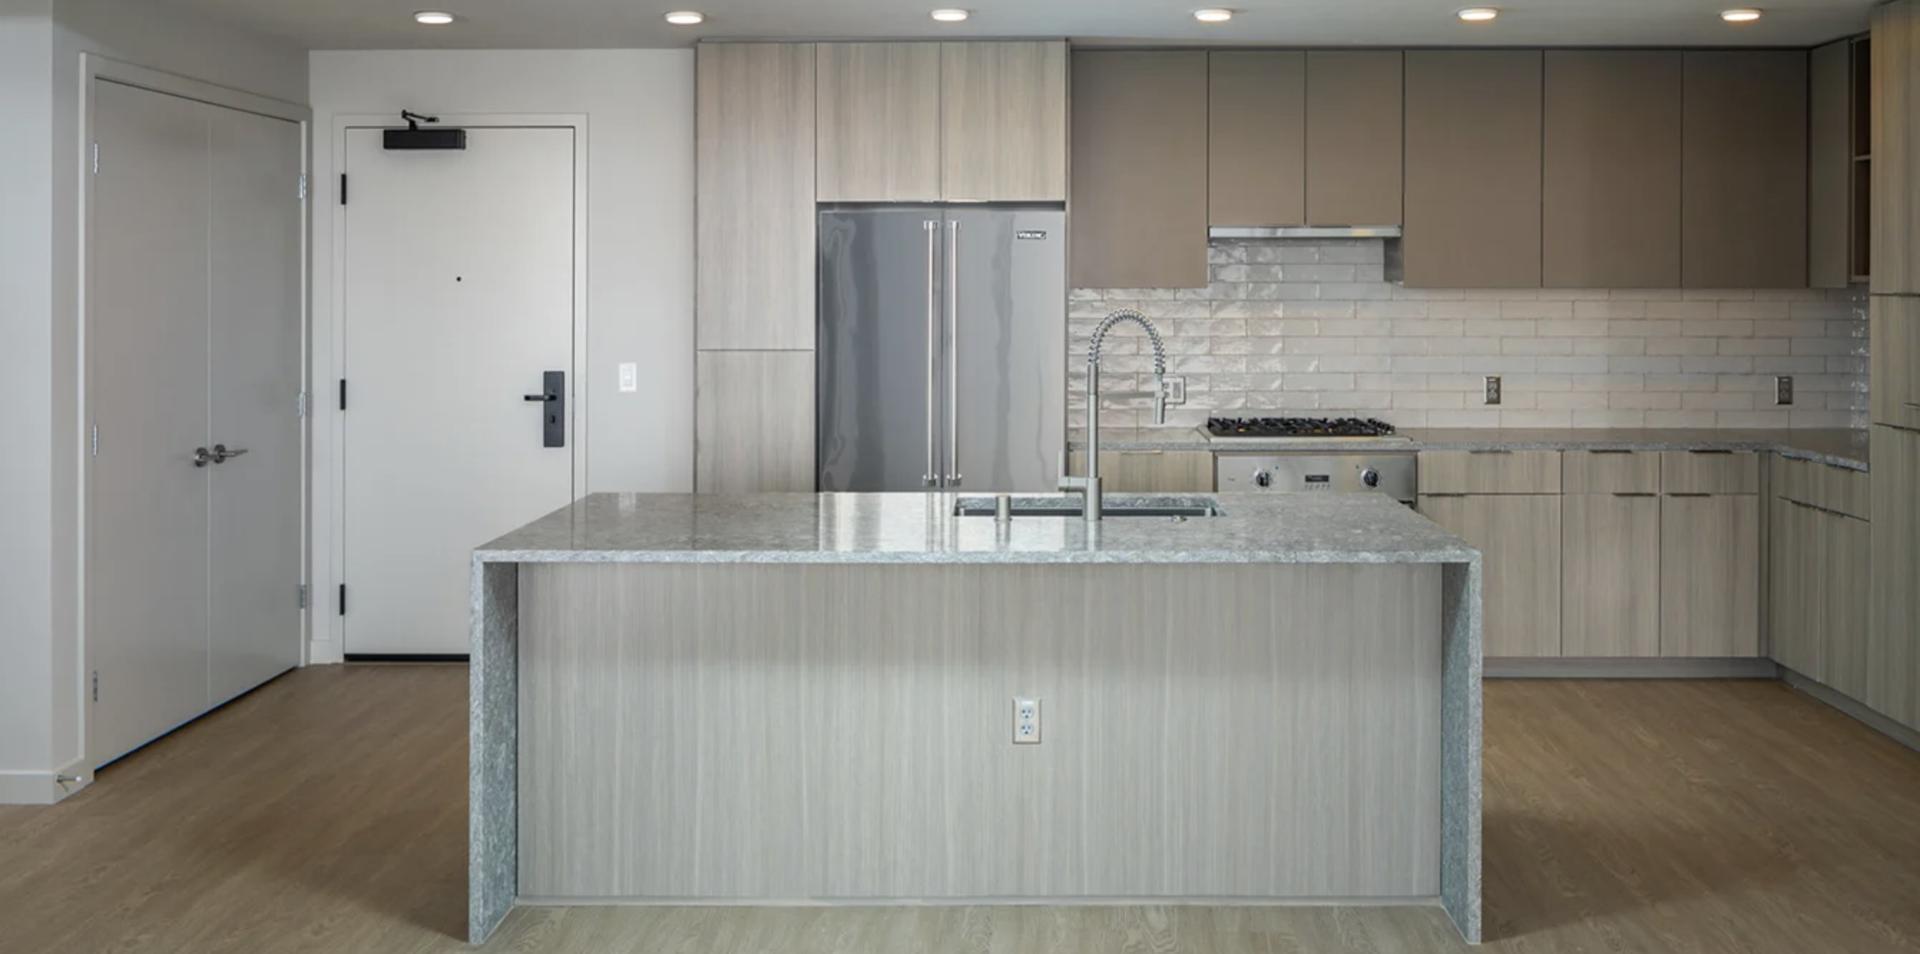 601 11th Avenue #1603, San Diego, CA - $4,645 USD/ month